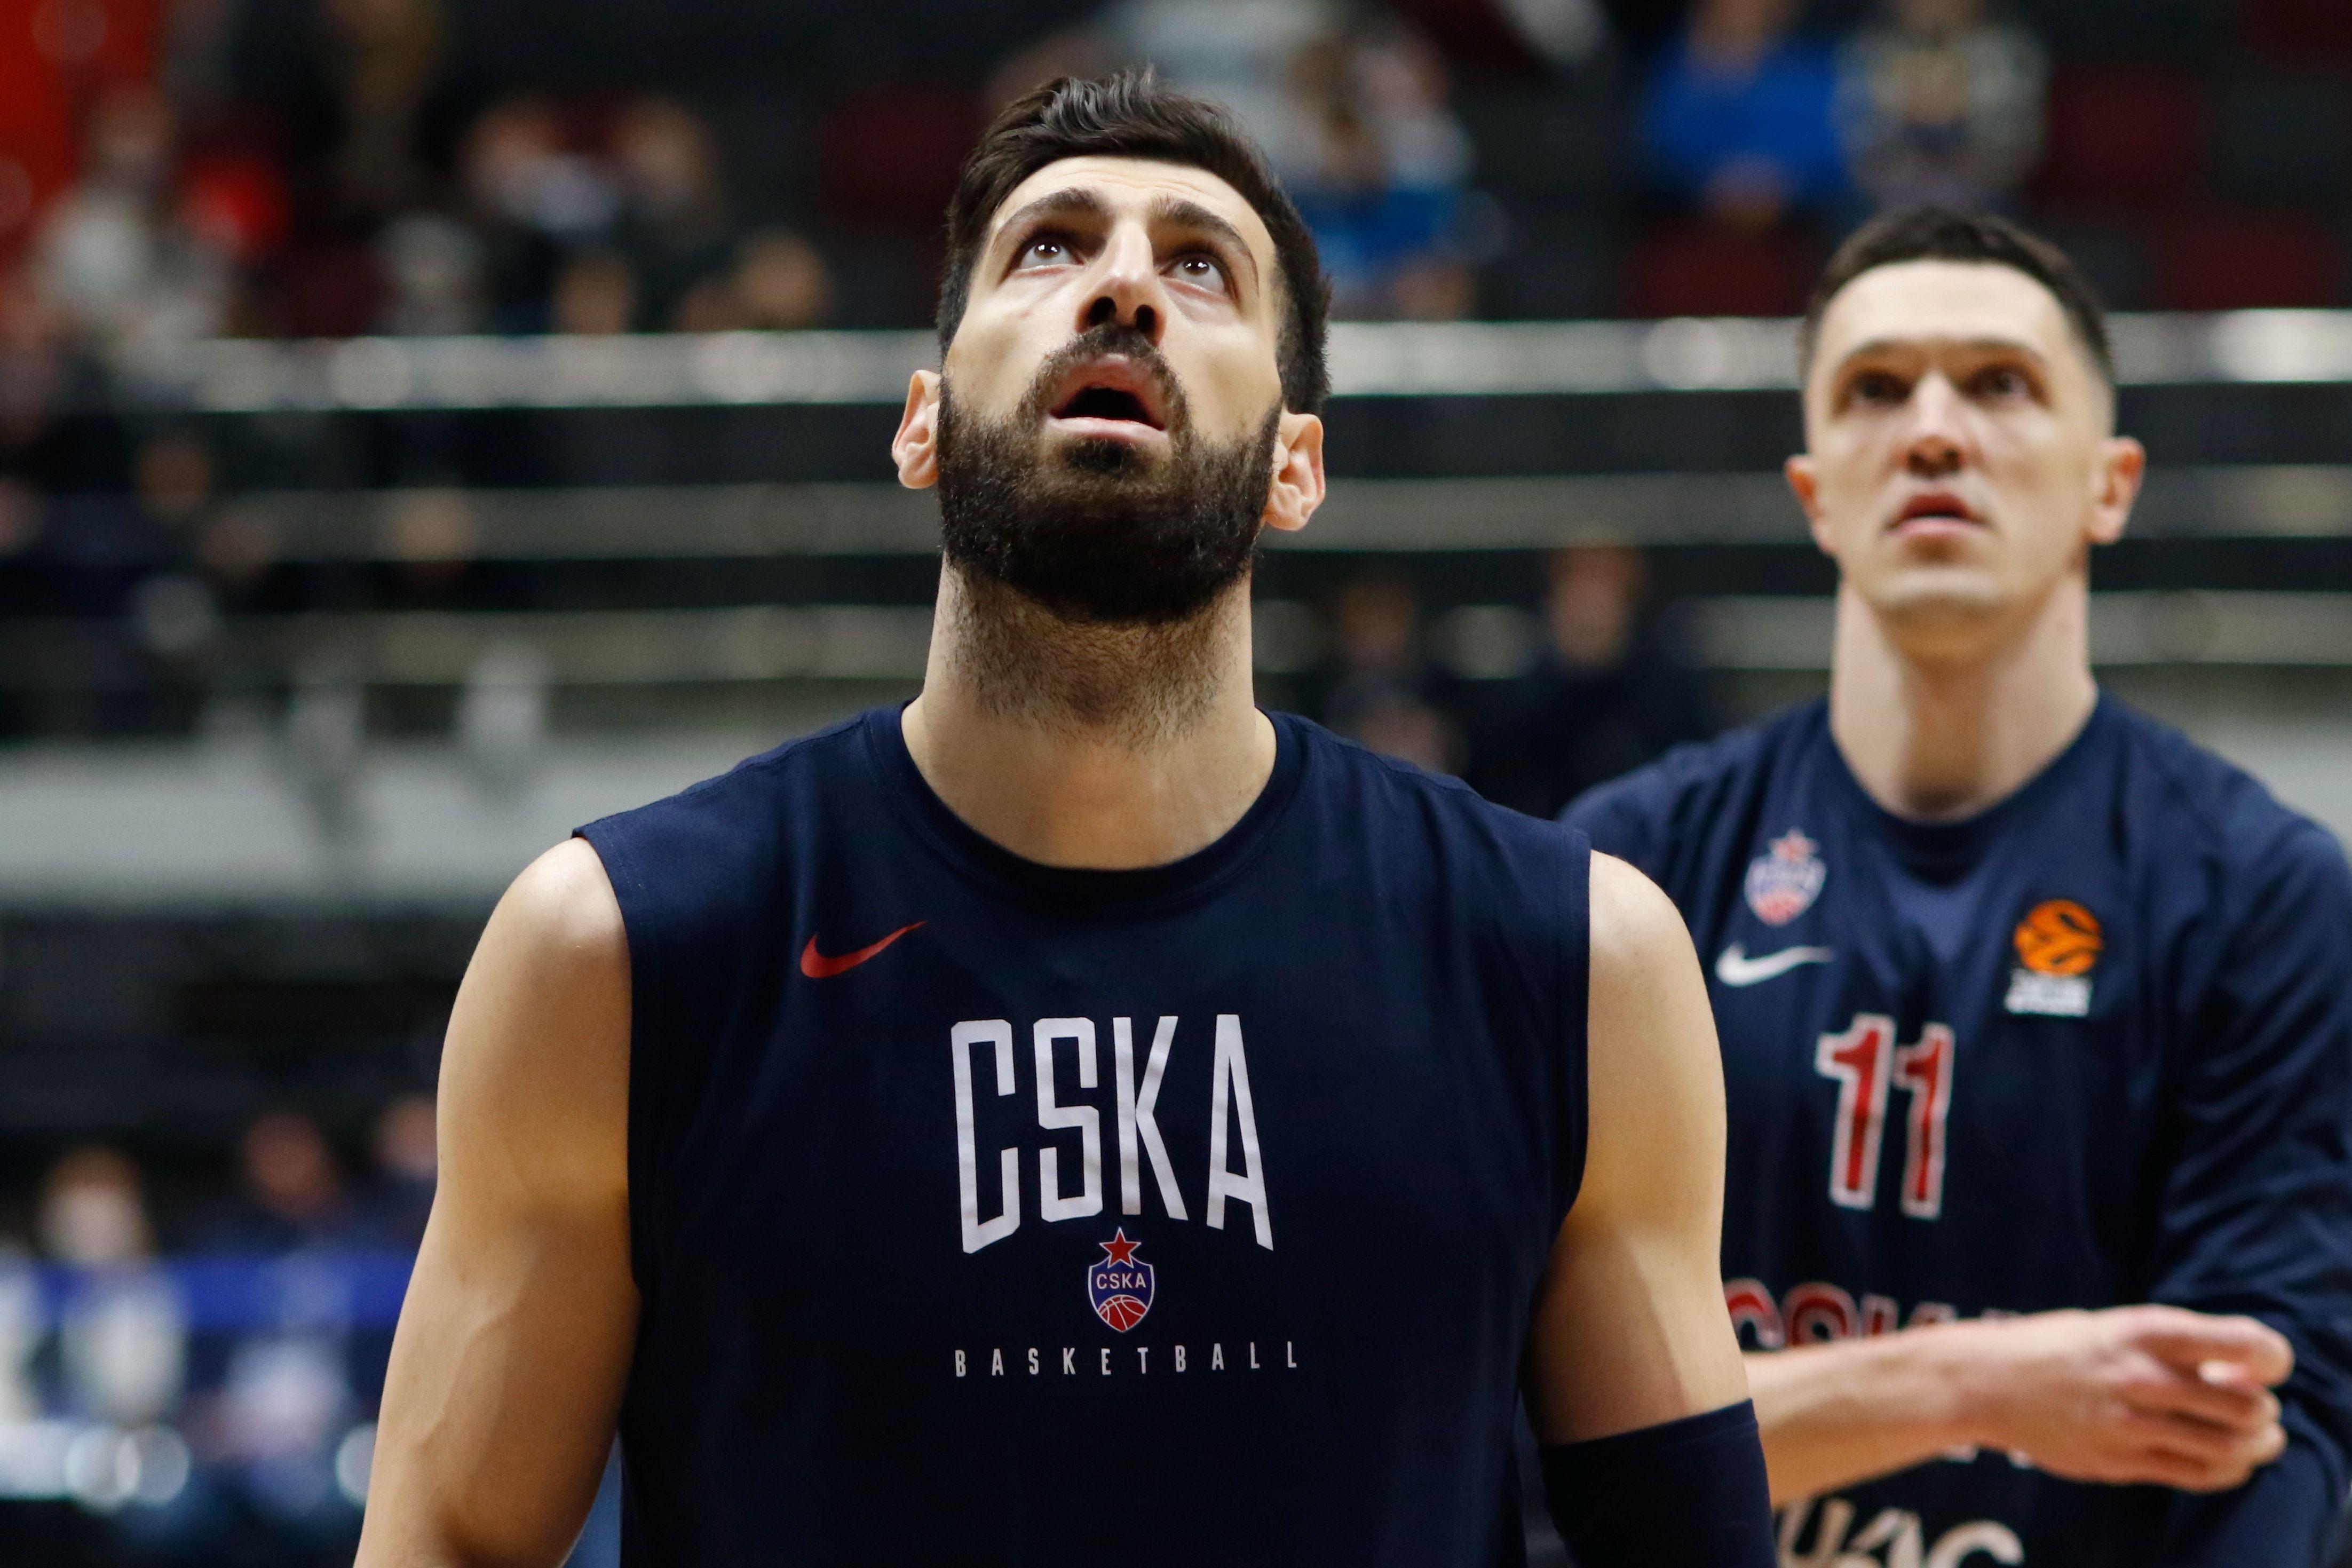 ЦСКА сообщил о кадровой потере перед матчем с АСВЕЛом